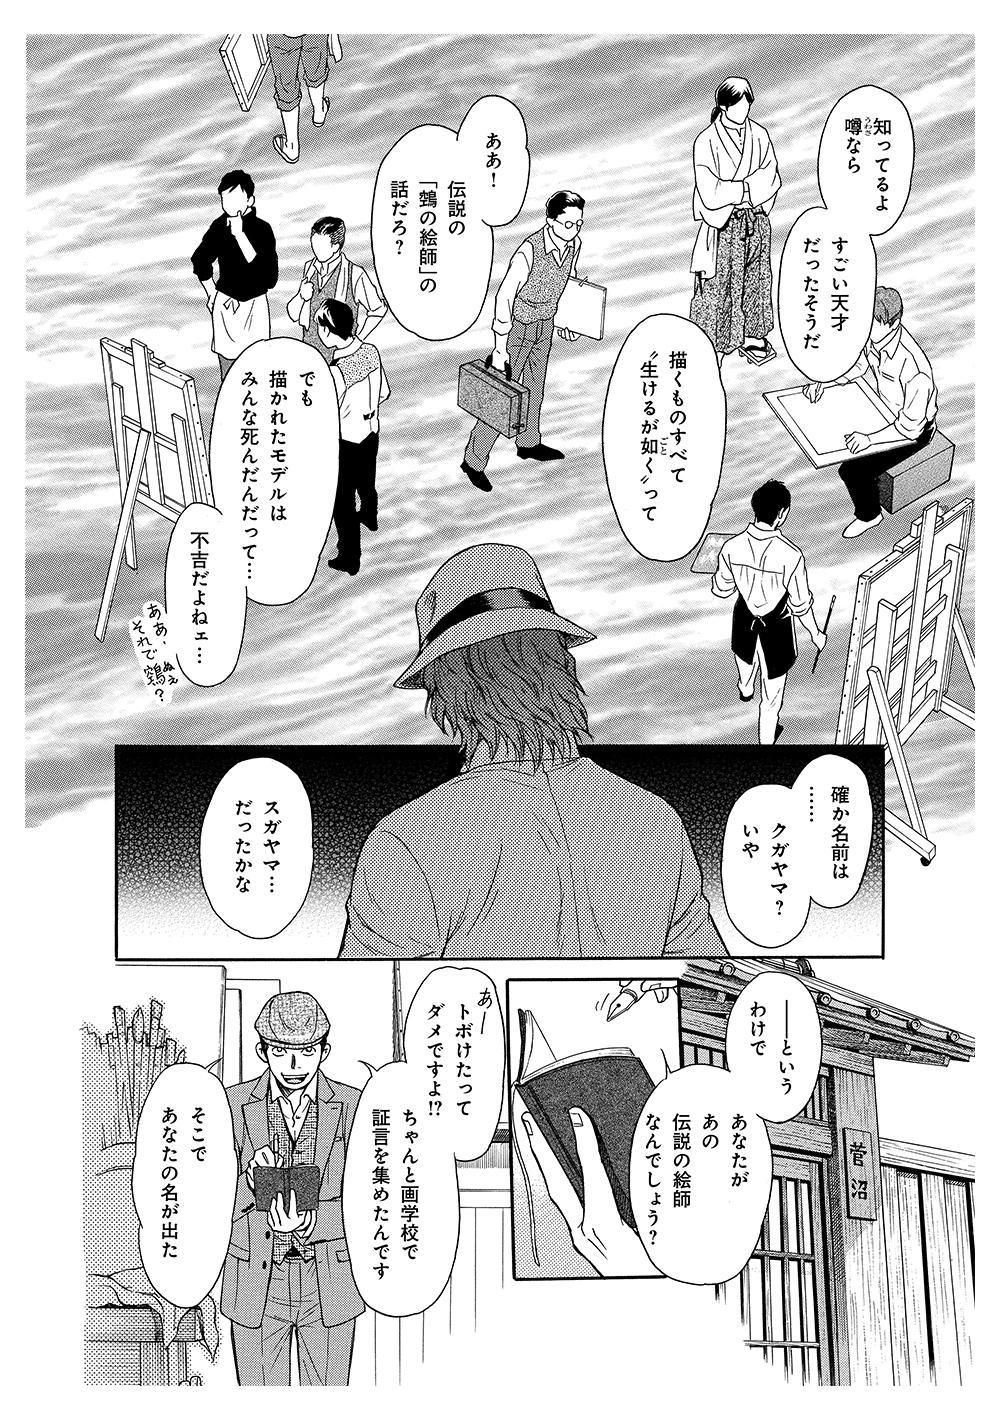 鵼の絵師 第1話「鵼の絵師」①nue-1-02.jpg